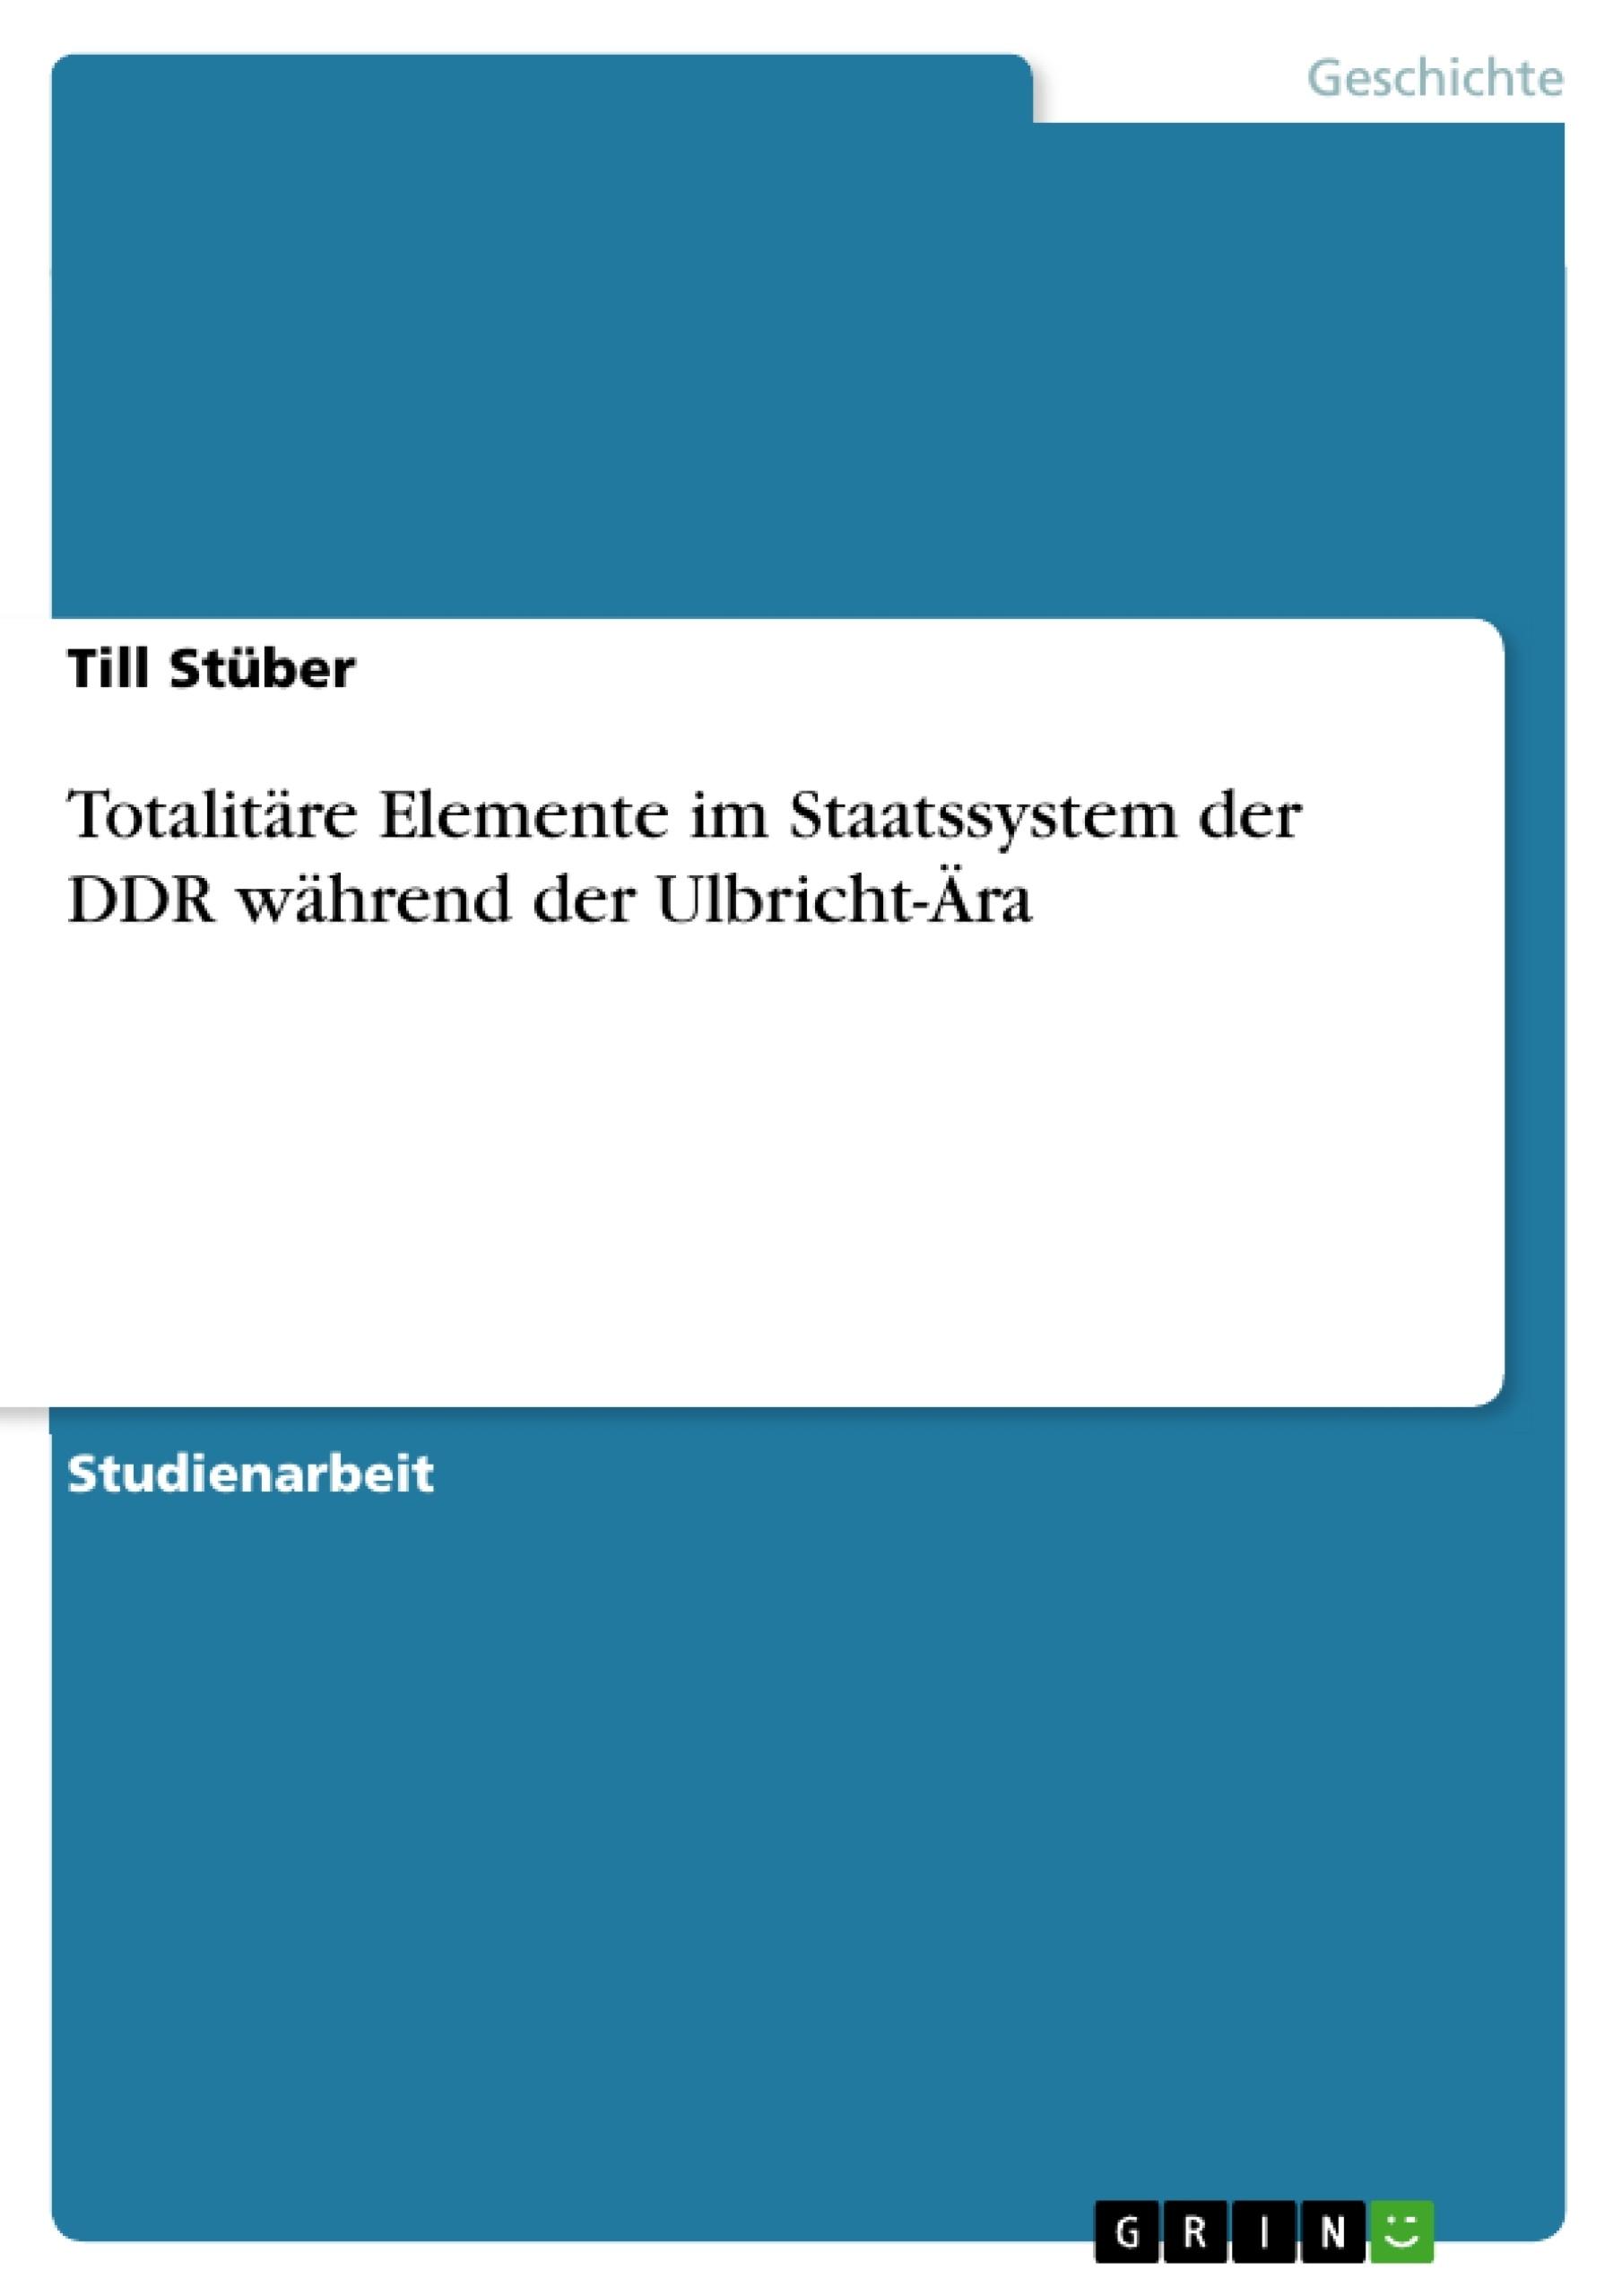 Titel: Totalitäre Elemente im Staatssystem der DDR während der Ulbricht-Ära